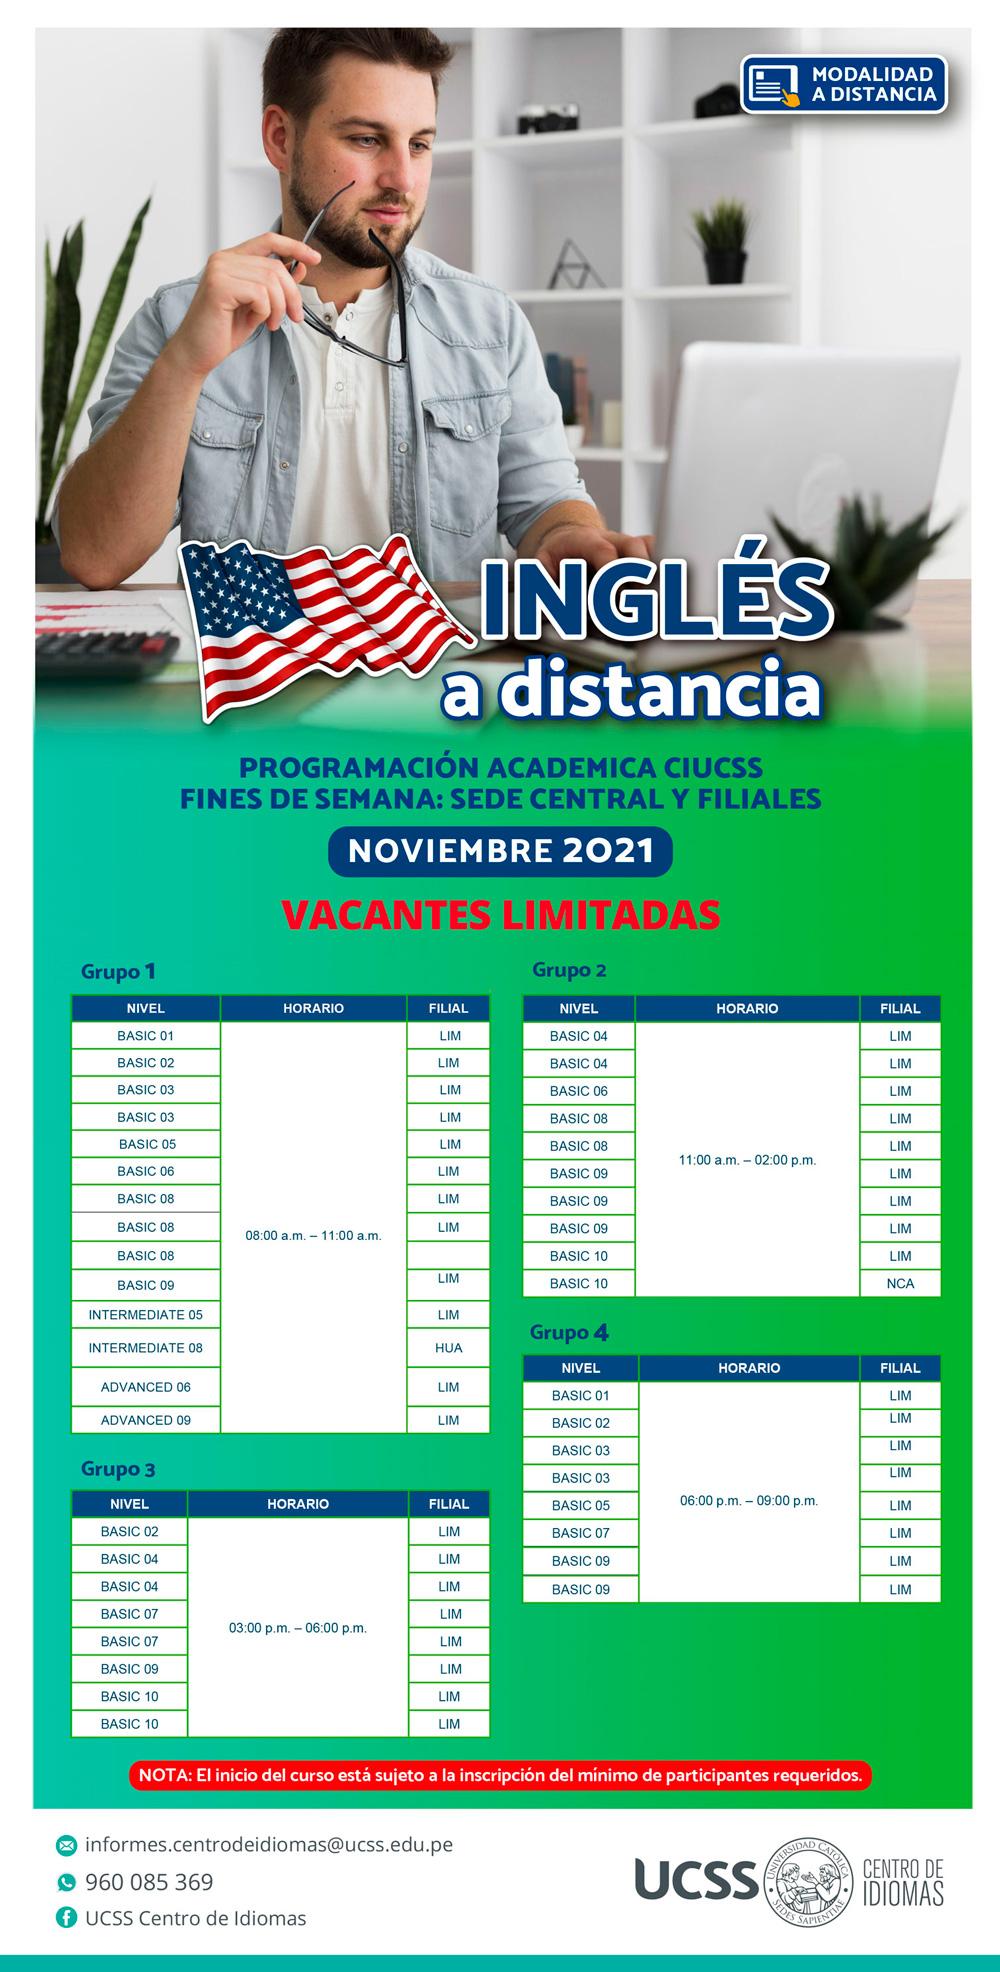 21-11-idioma-ingles-distancia-programacion-academica-fin-semana.jpg